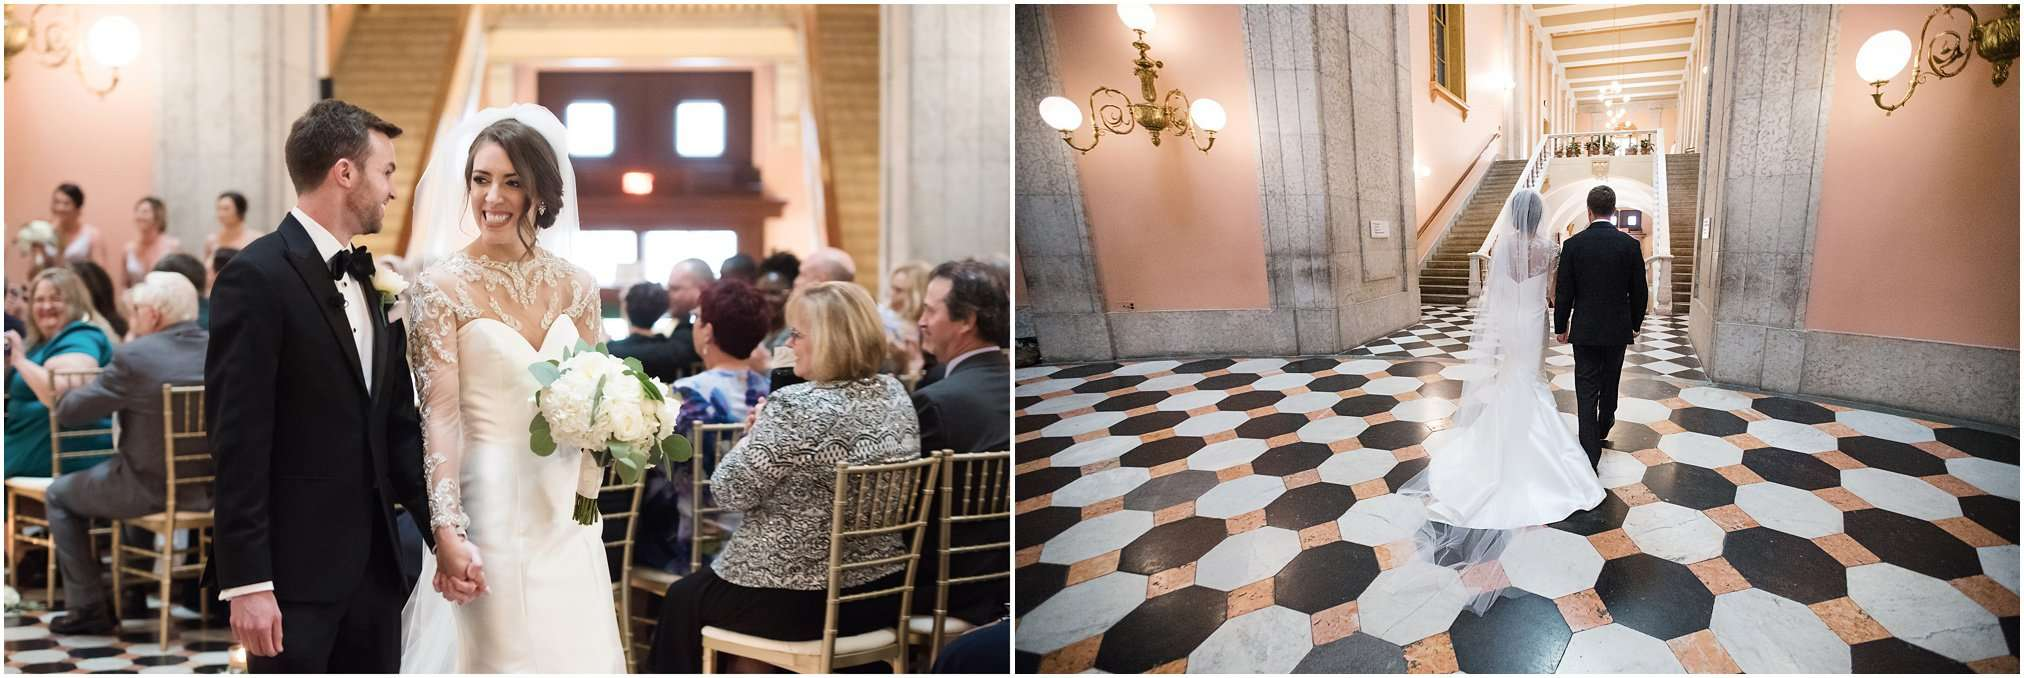 Spring Wedding at the Ohio Statehouse | Columbus Ohio Photography 148